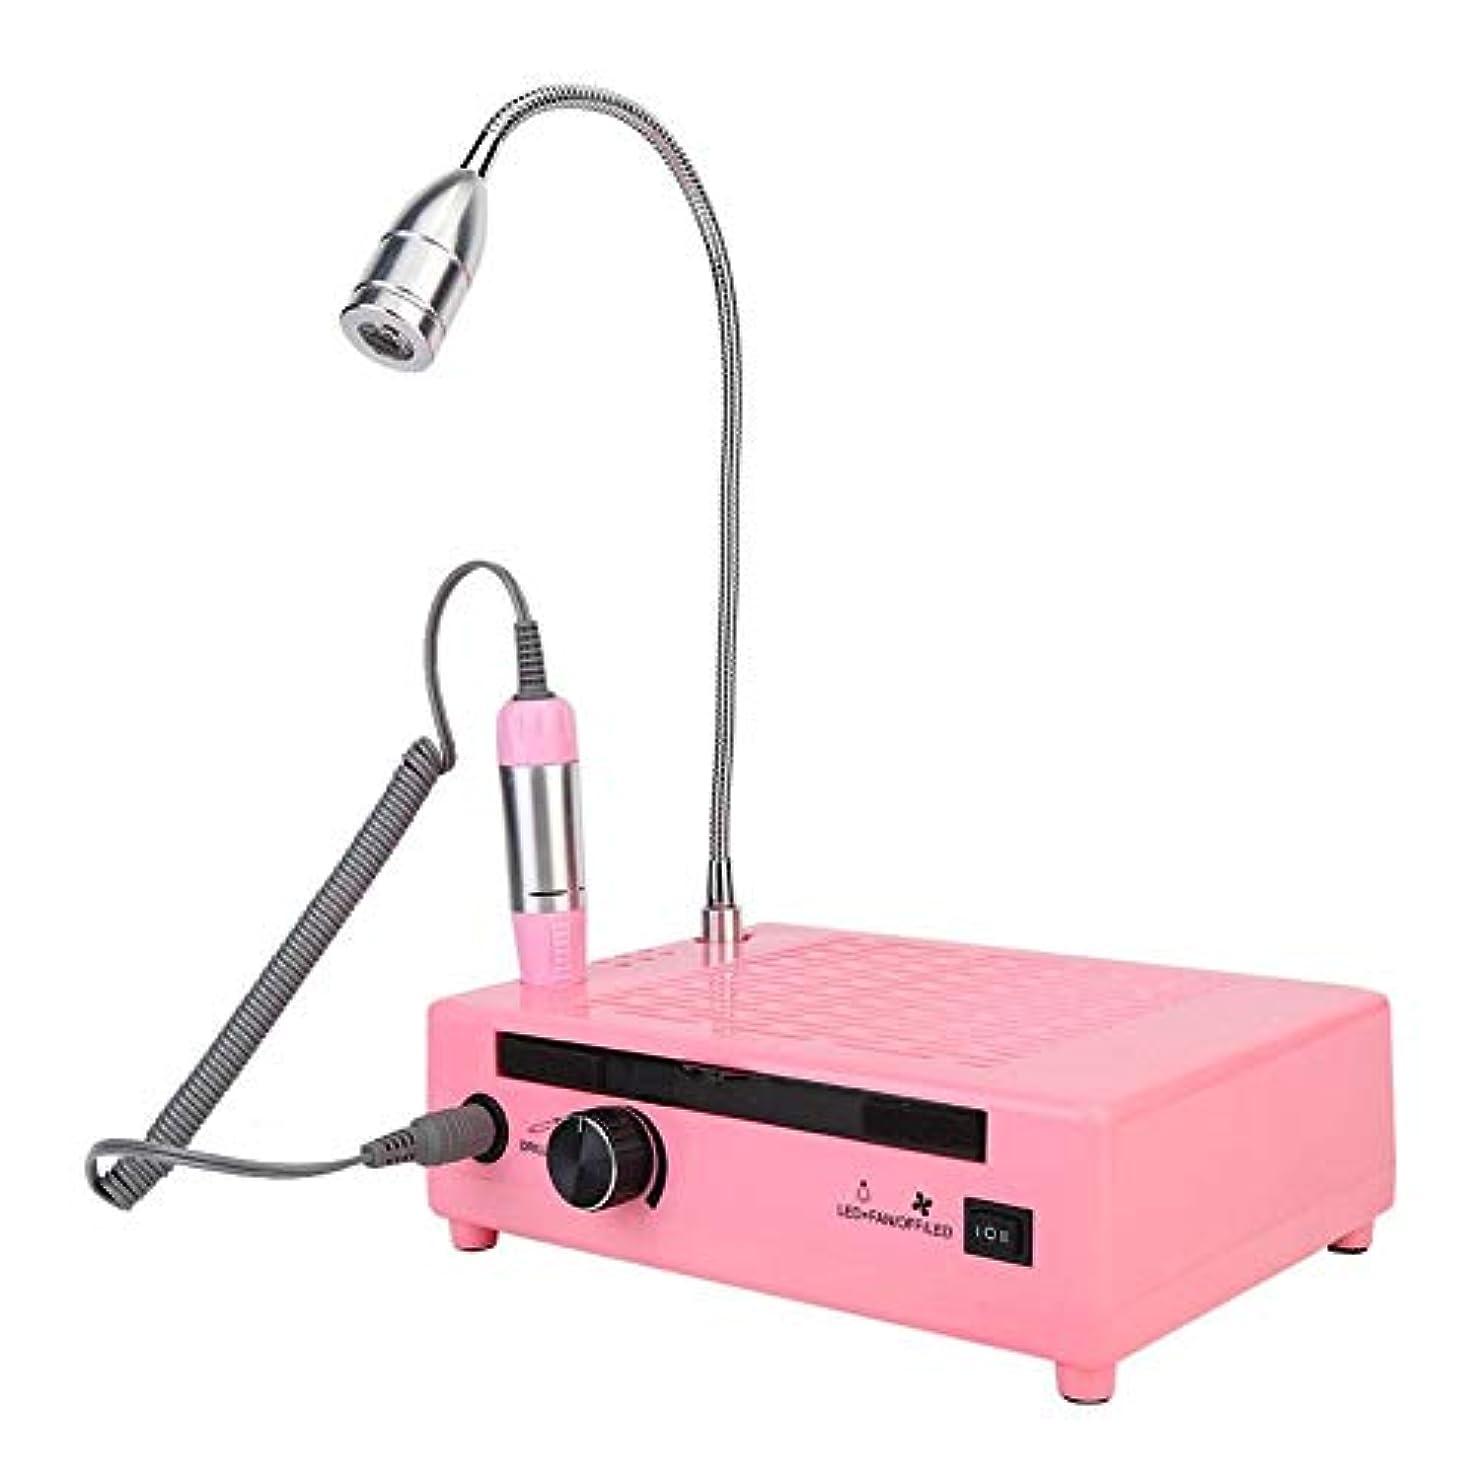 誓い懐疑的インタラクションネイルダストコレクター、3 in 1多機能60W 30000RMPネイルダストコレクター掃除機デスクライトネイルマニキュアツールキット付き(ピンク)